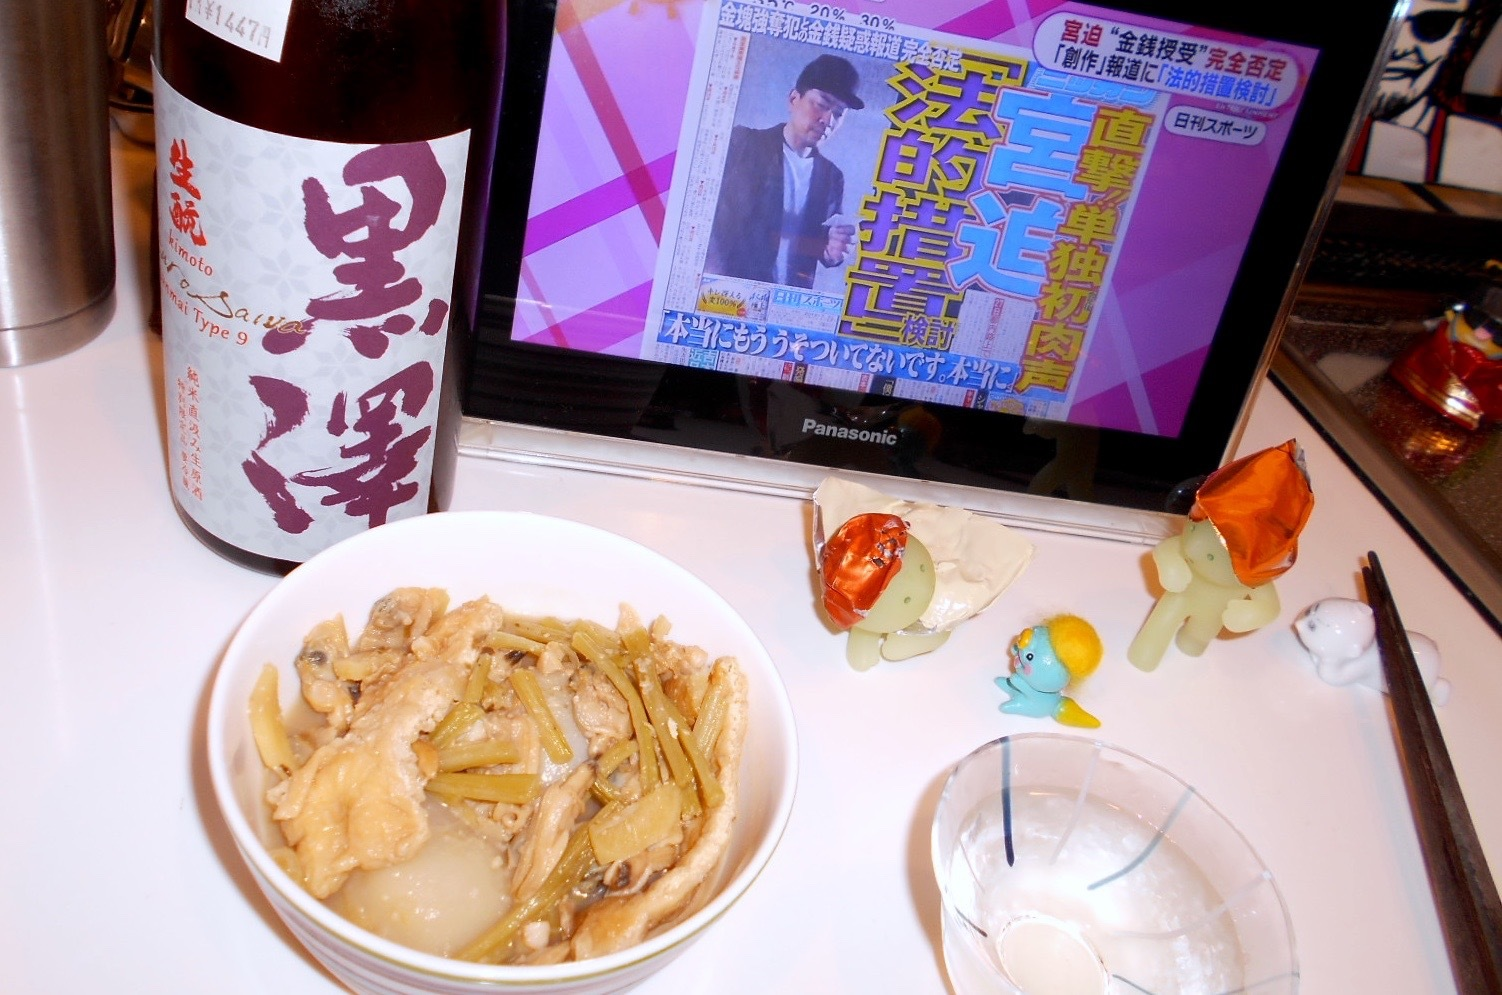 kurosawa_type9_30by4_4.jpg